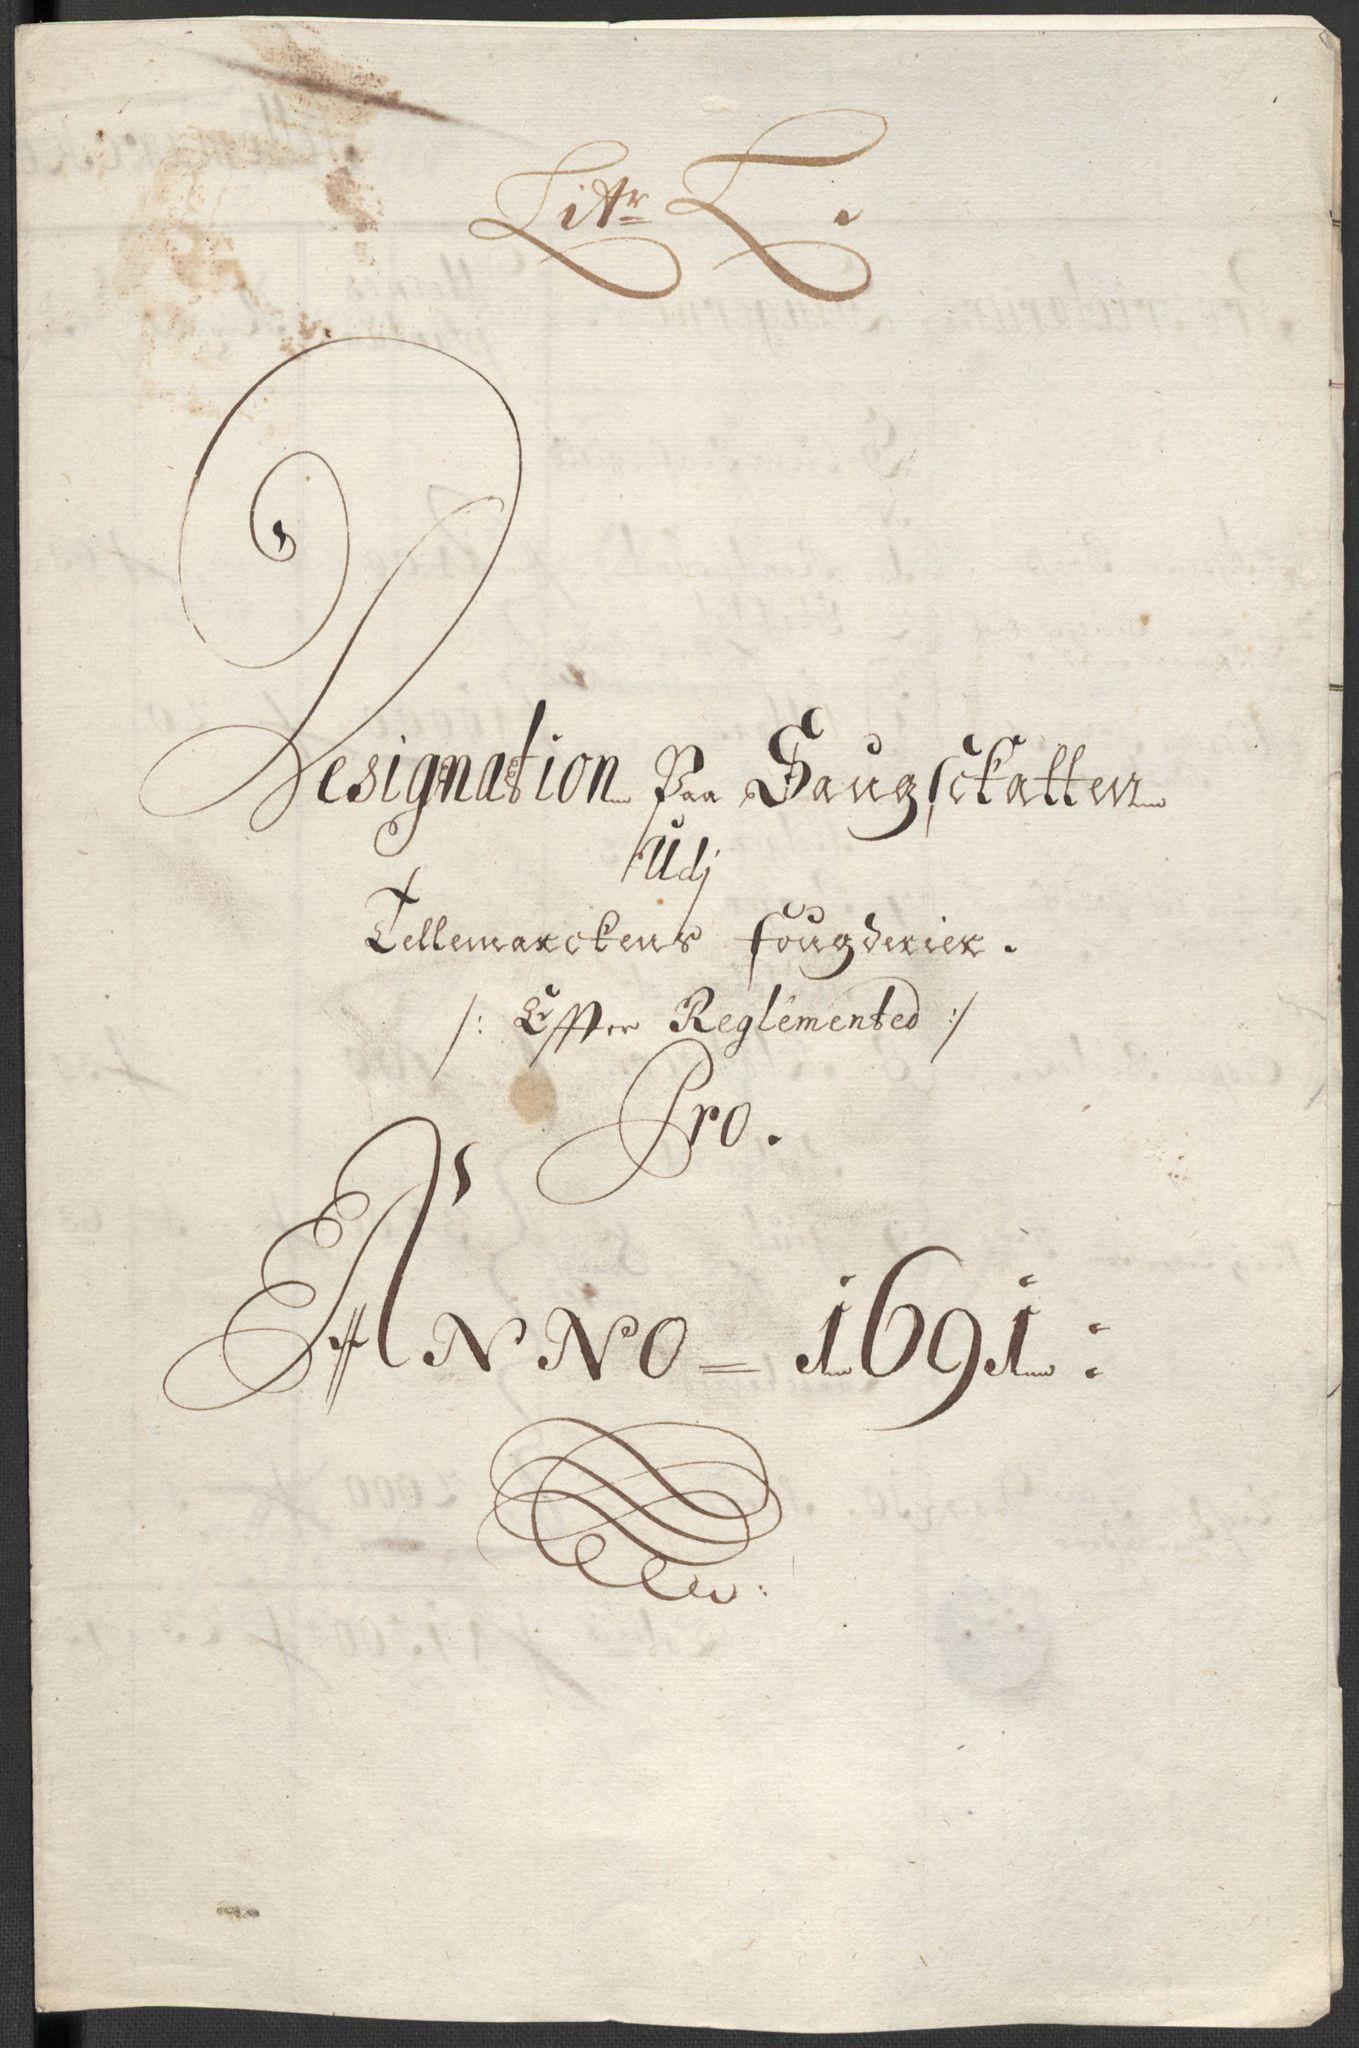 RA, Rentekammeret inntil 1814, Reviderte regnskaper, Fogderegnskap, R35/L2089: Fogderegnskap Øvre og Nedre Telemark, 1690-1692, s. 420